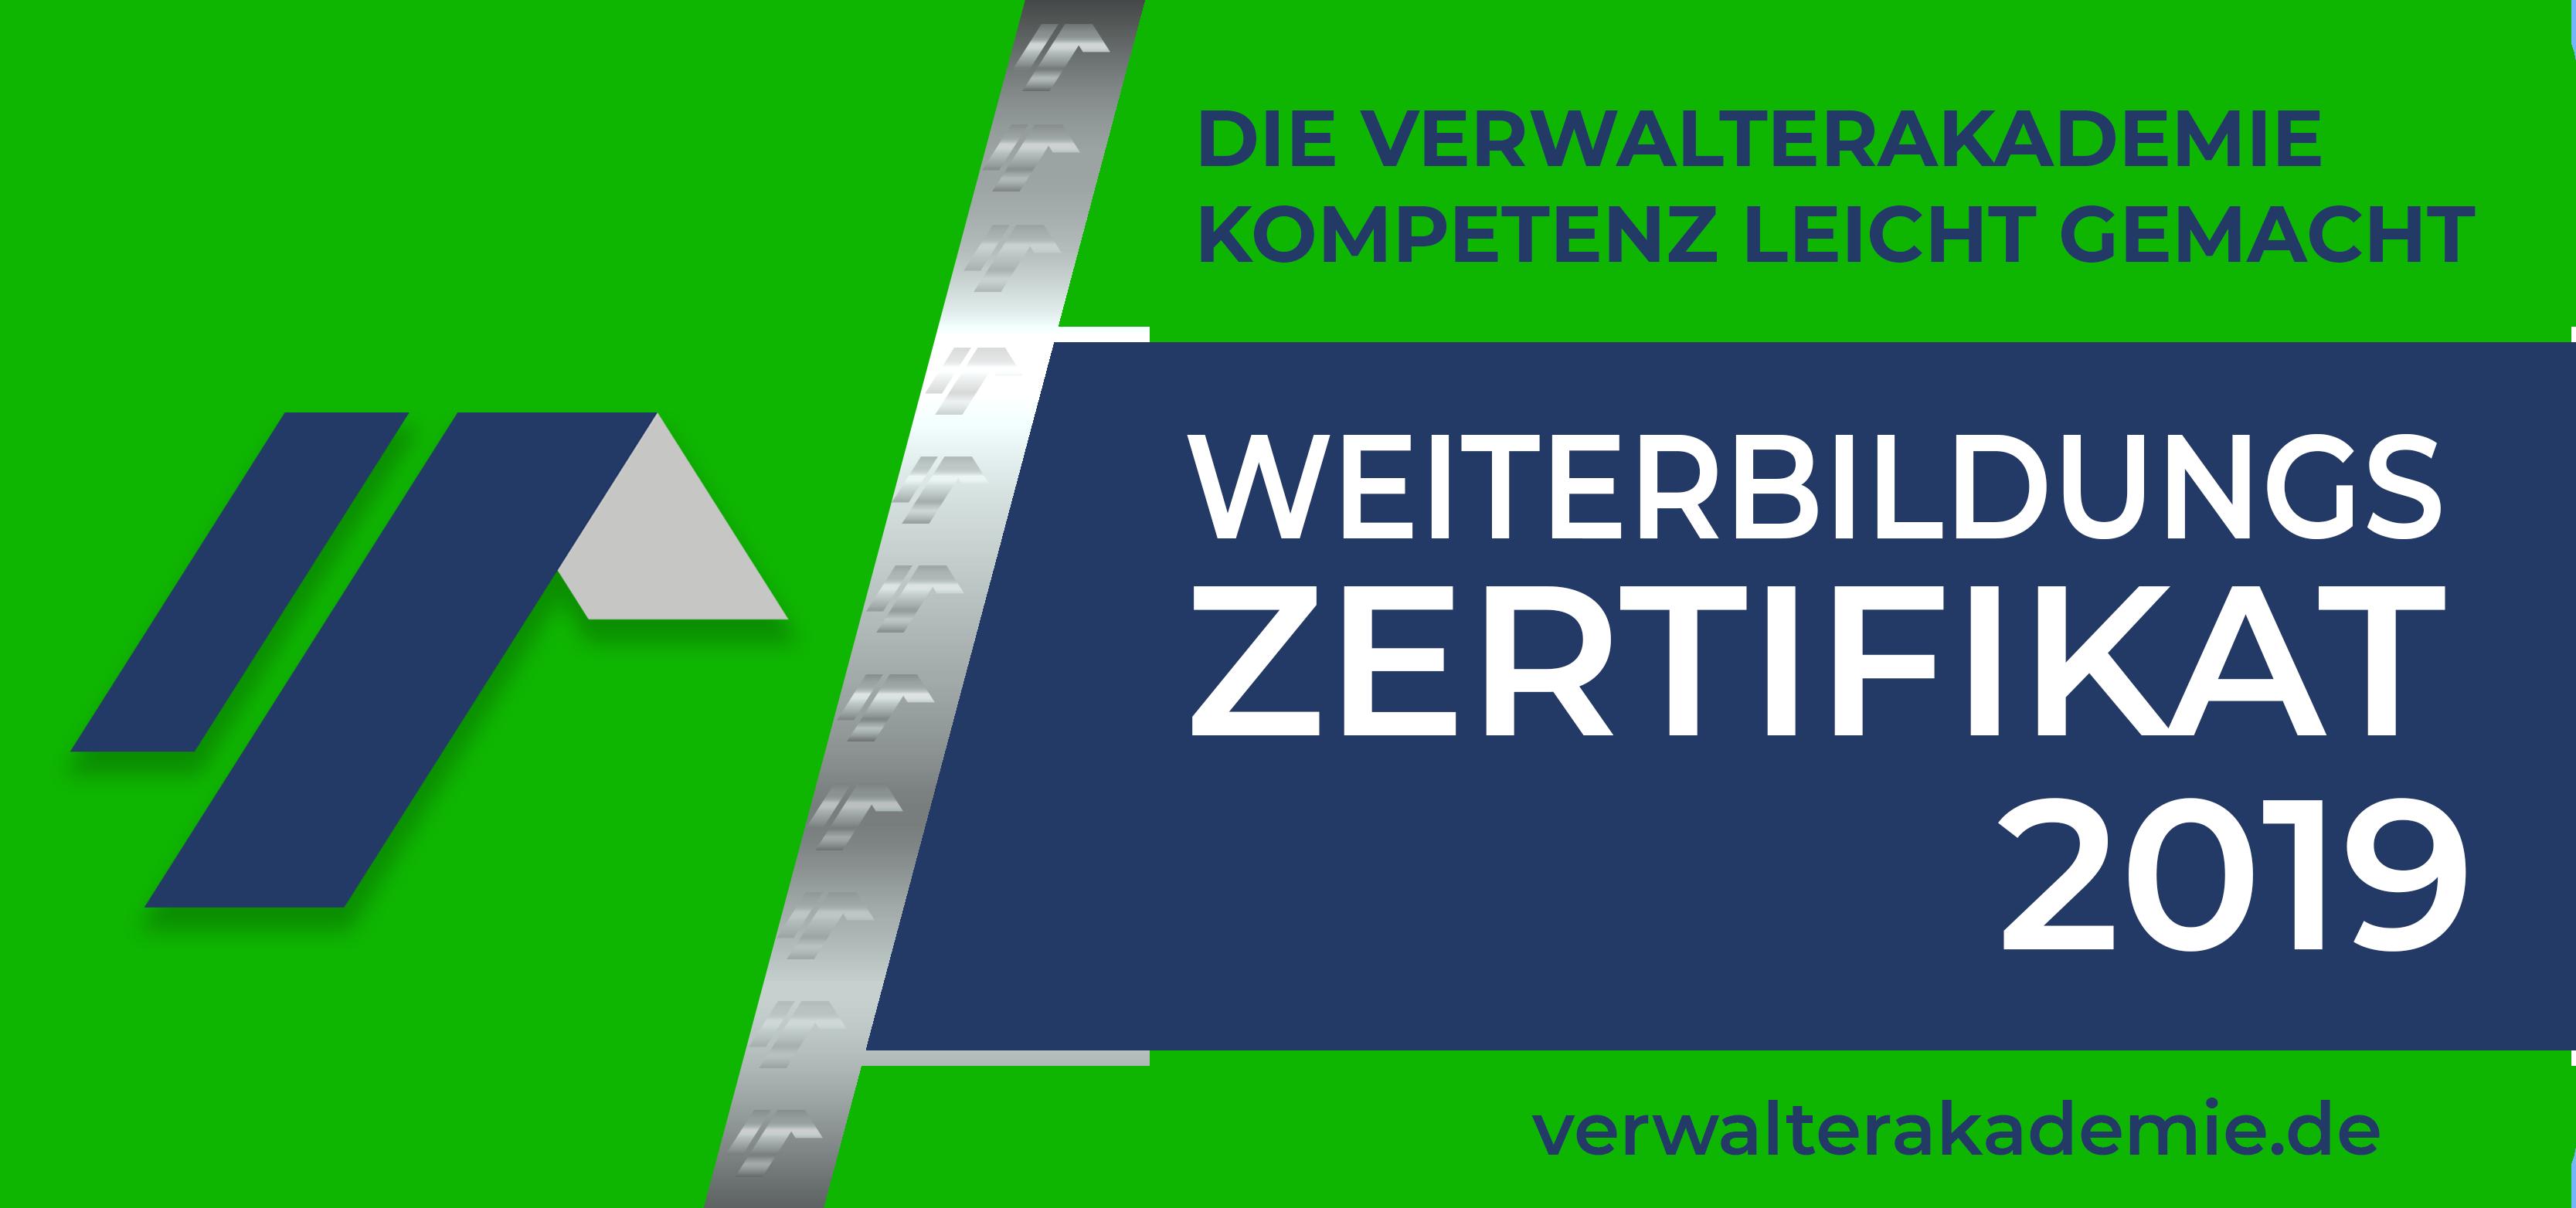 VerwalterAkademie Badge 2019